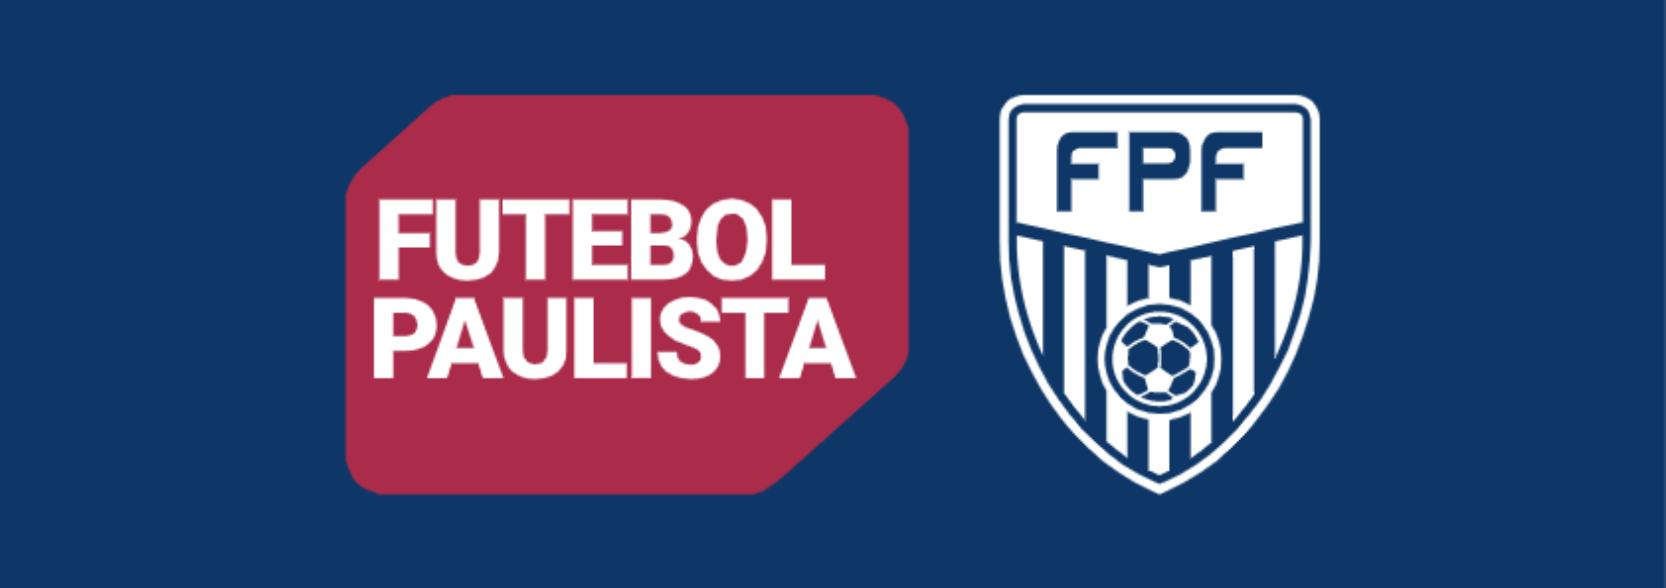 Esse é o meu jogo | Federação Paulista de Futebol